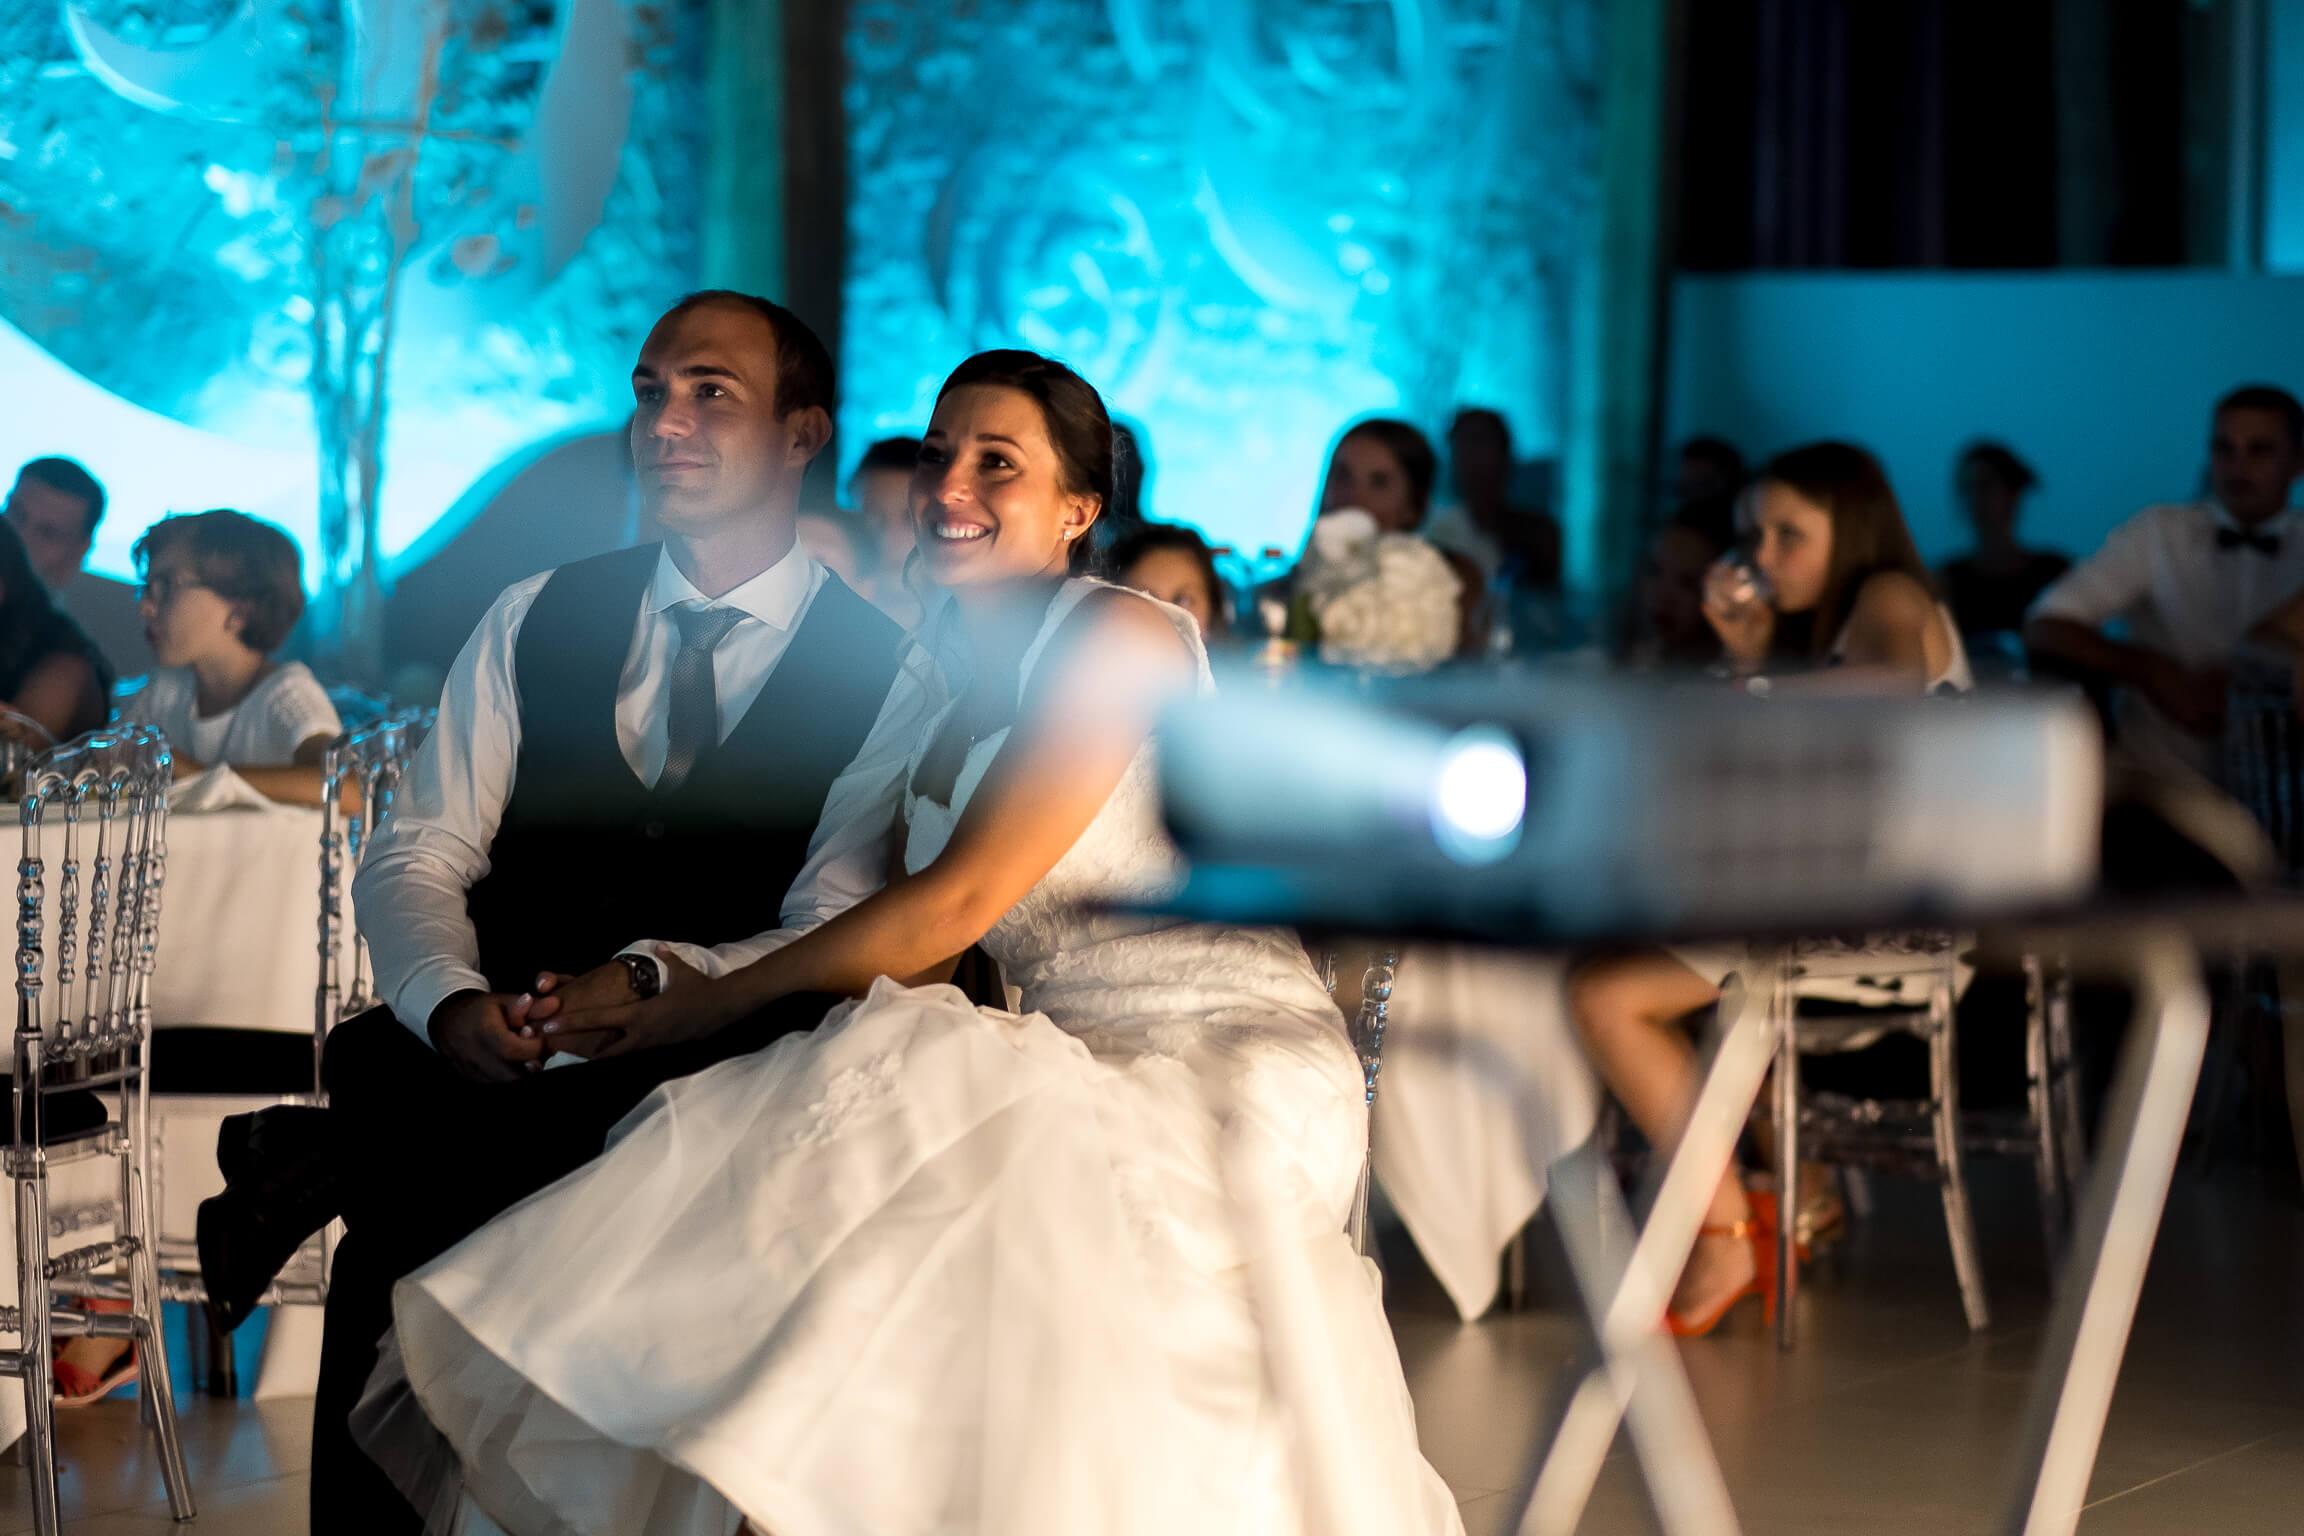 les maries regardant un diapo pendant la soiree de leur mariage